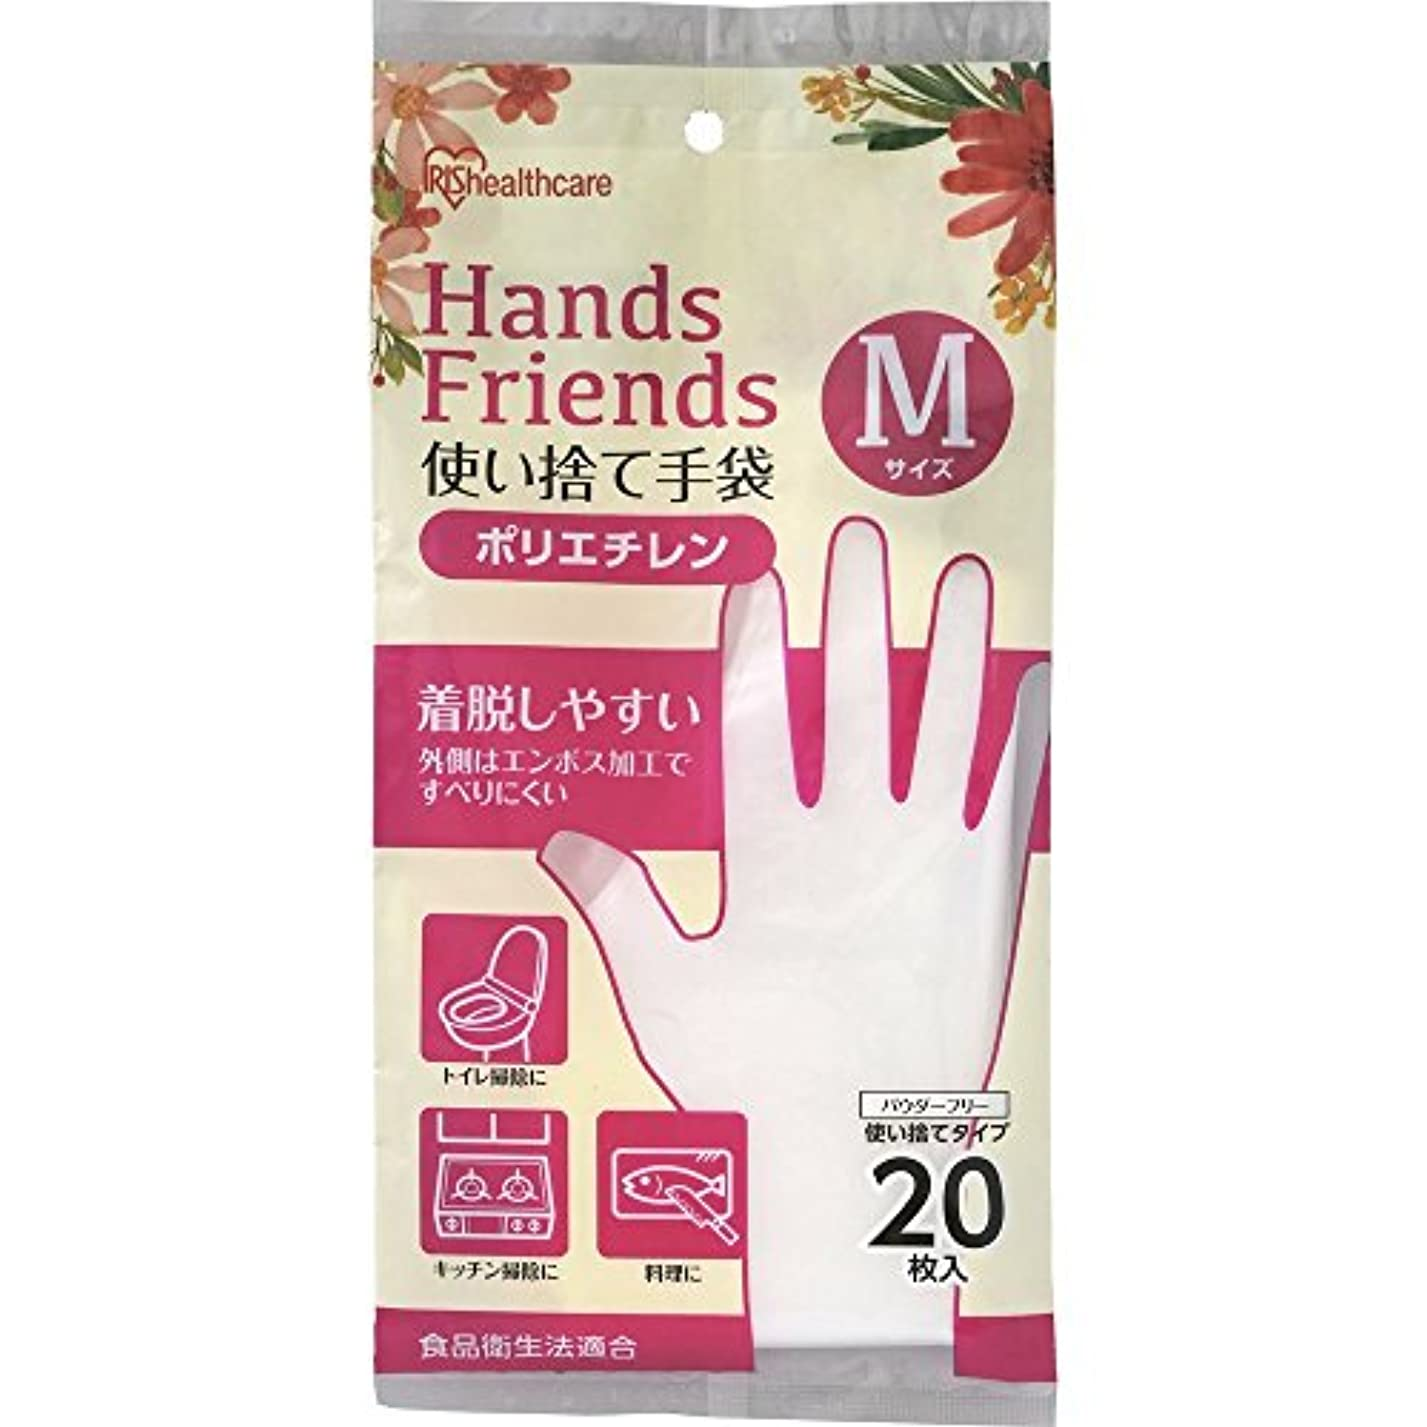 懲戒海外で細胞使い捨て手袋 ポリエチレン手袋 Mサイズ 粉なし パウダーフリー クリア 20枚入